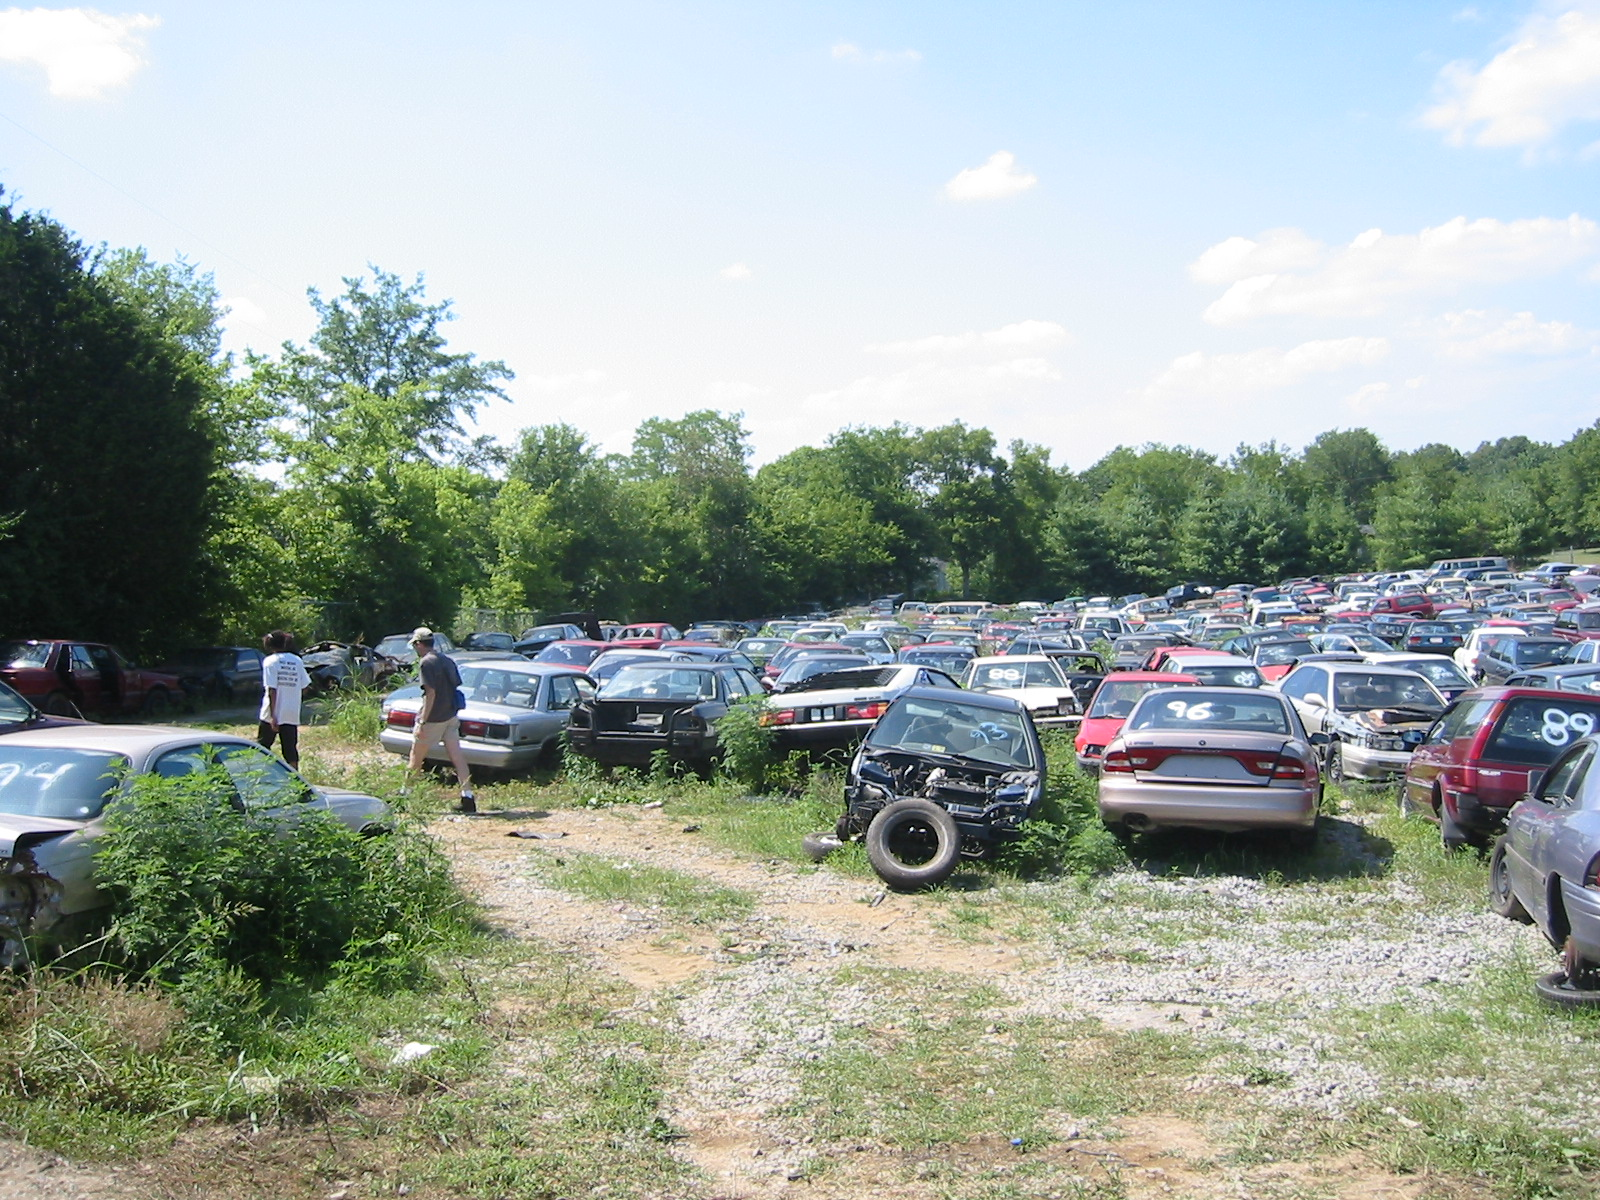 Old Junk Cars For Sale Ebay